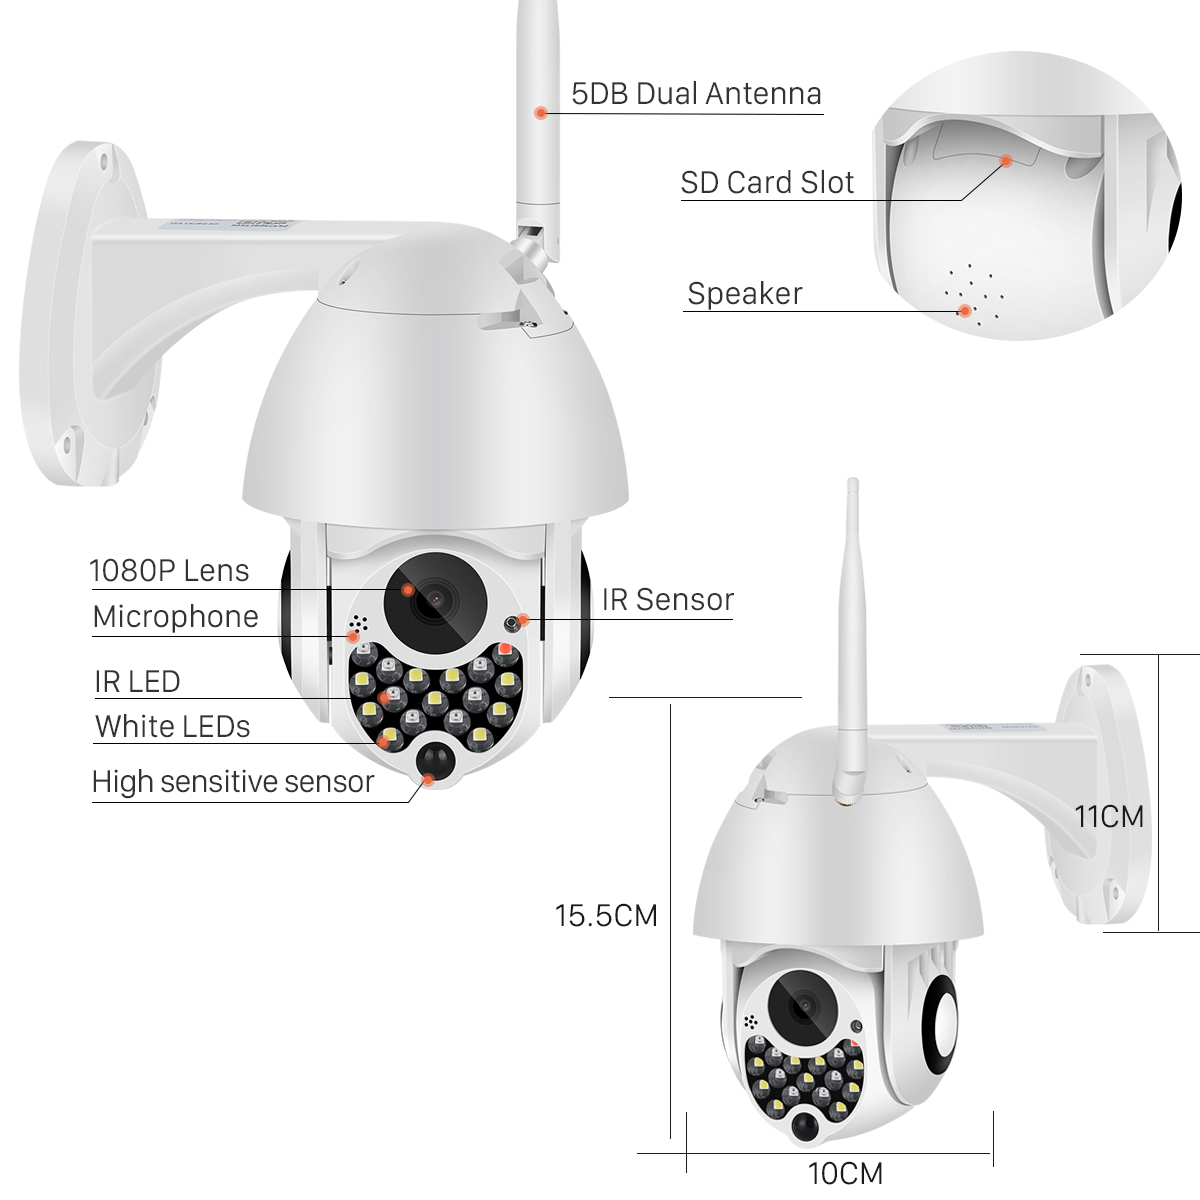 Hf598ca37be014da6ae751bb66eca64efJ 1080P Outdoor Wifi PTZ Camera with Siren Light Auto Tracking Cloud Home Security IP Camera 2MP 4X Digital Zoom Speed Dome Camera